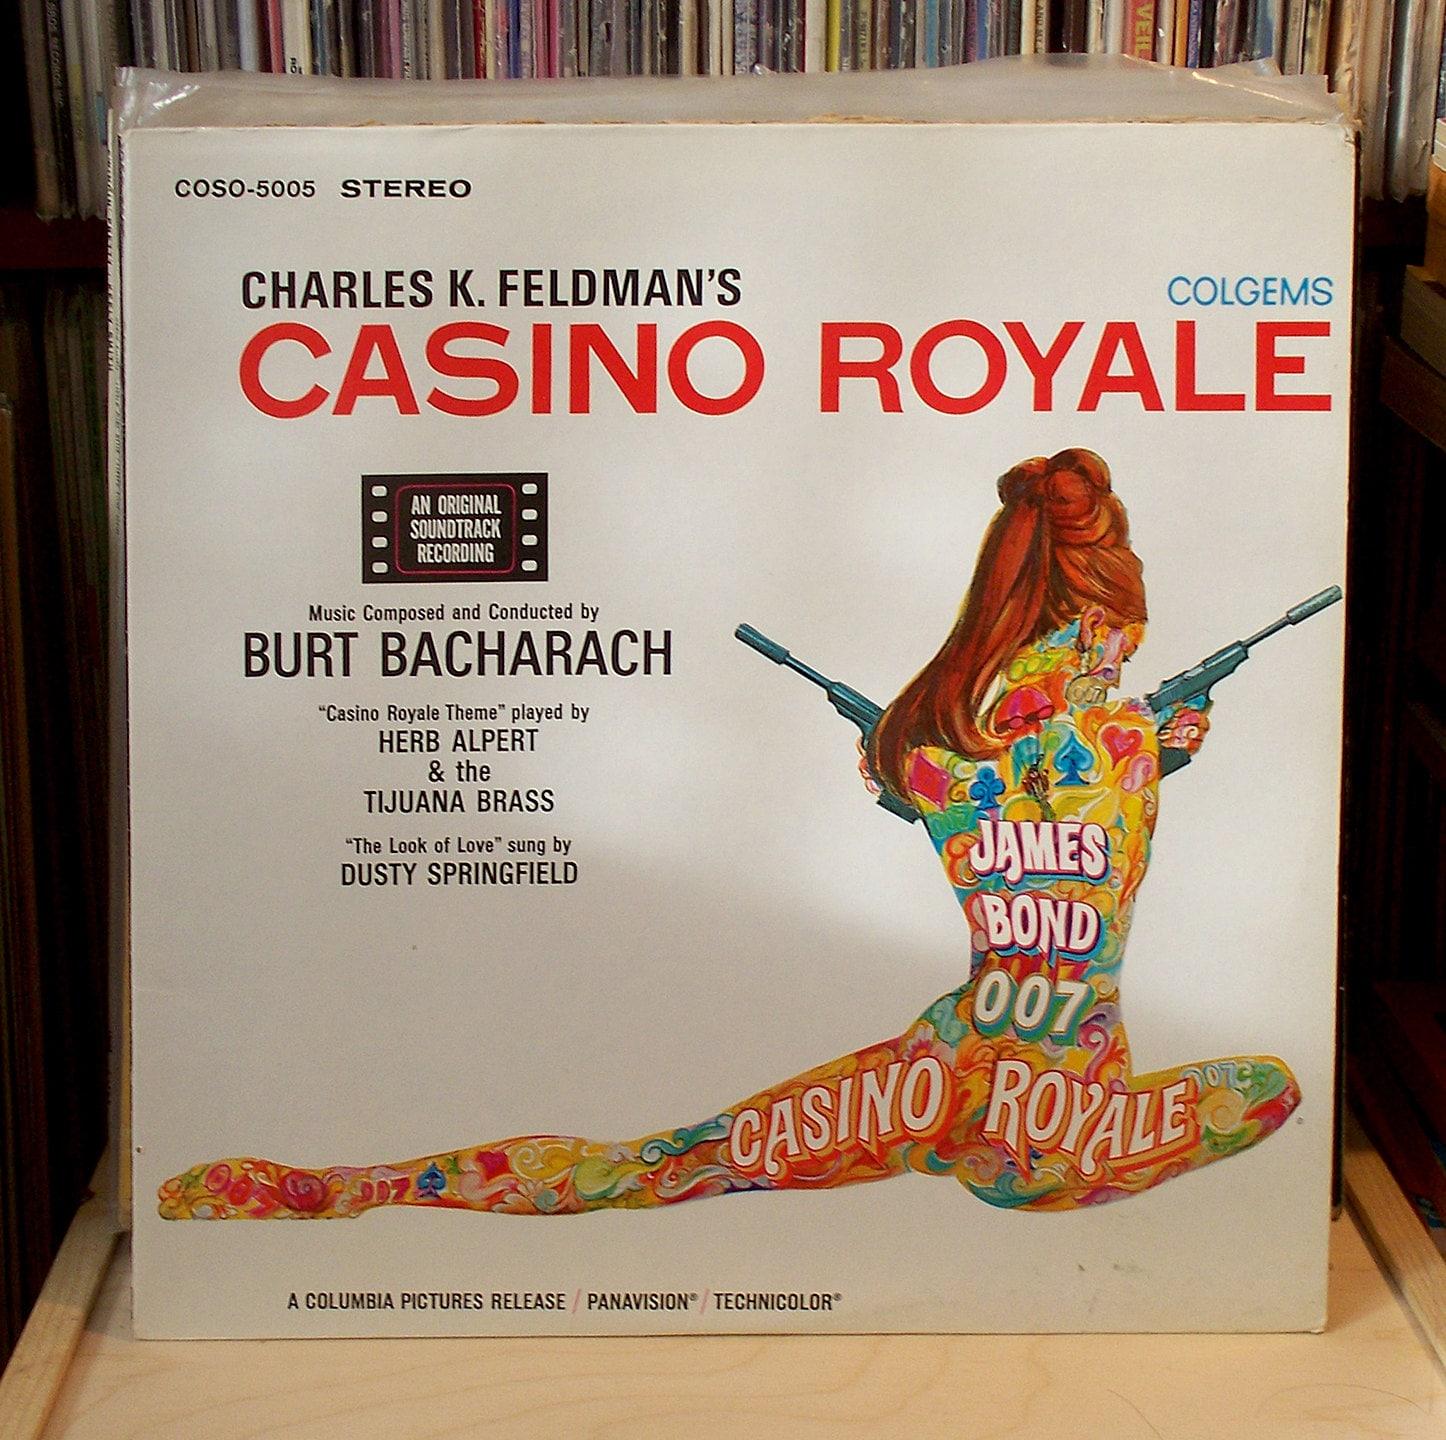 Vinyl Lp Soundtrack 1967 Casino Royale 007 By